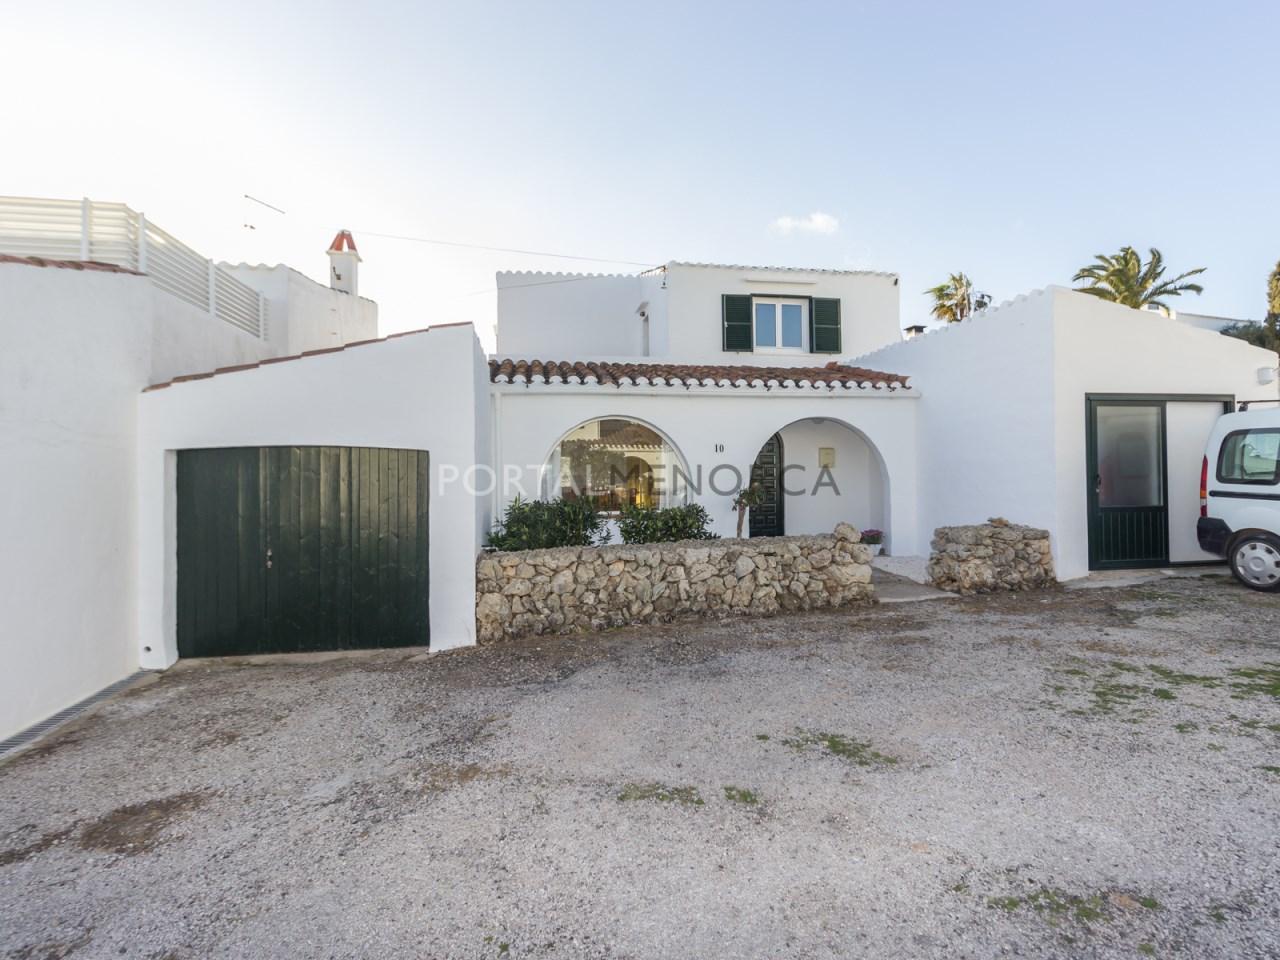 casa con patio en son vilar Menorca (22 de 22)